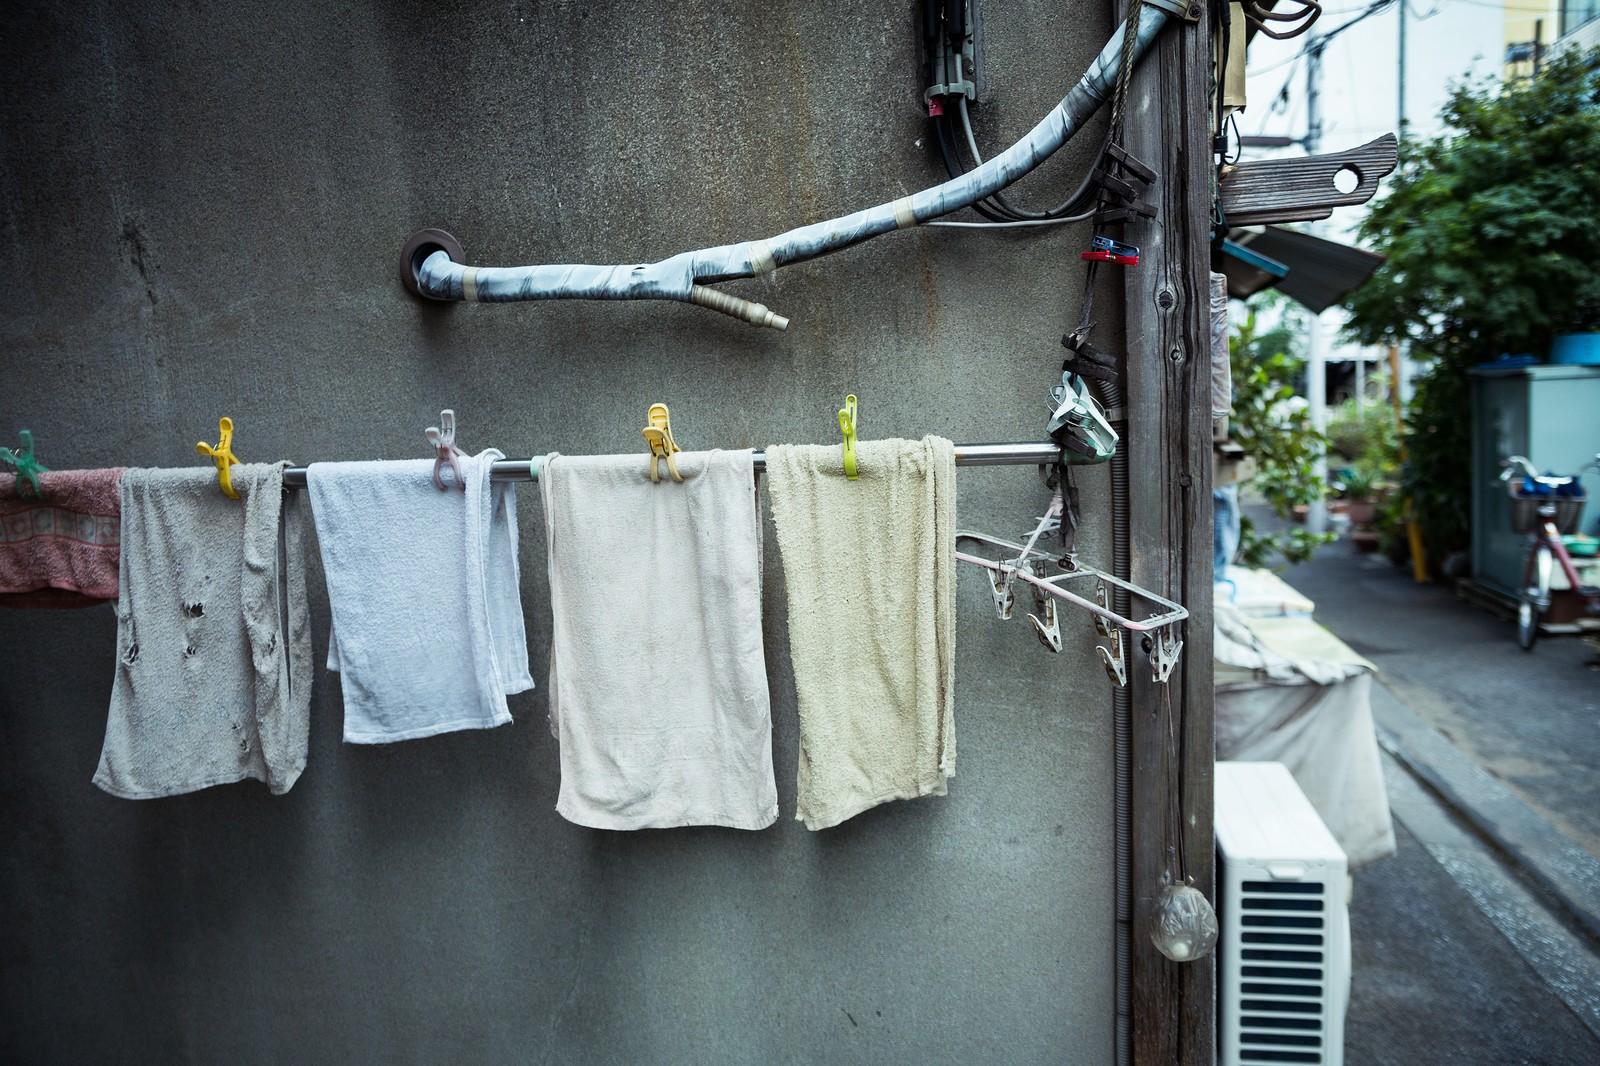 洗濯物が臭い原因は洗濯槽の汚れかも!くさい臭いのとり方は?